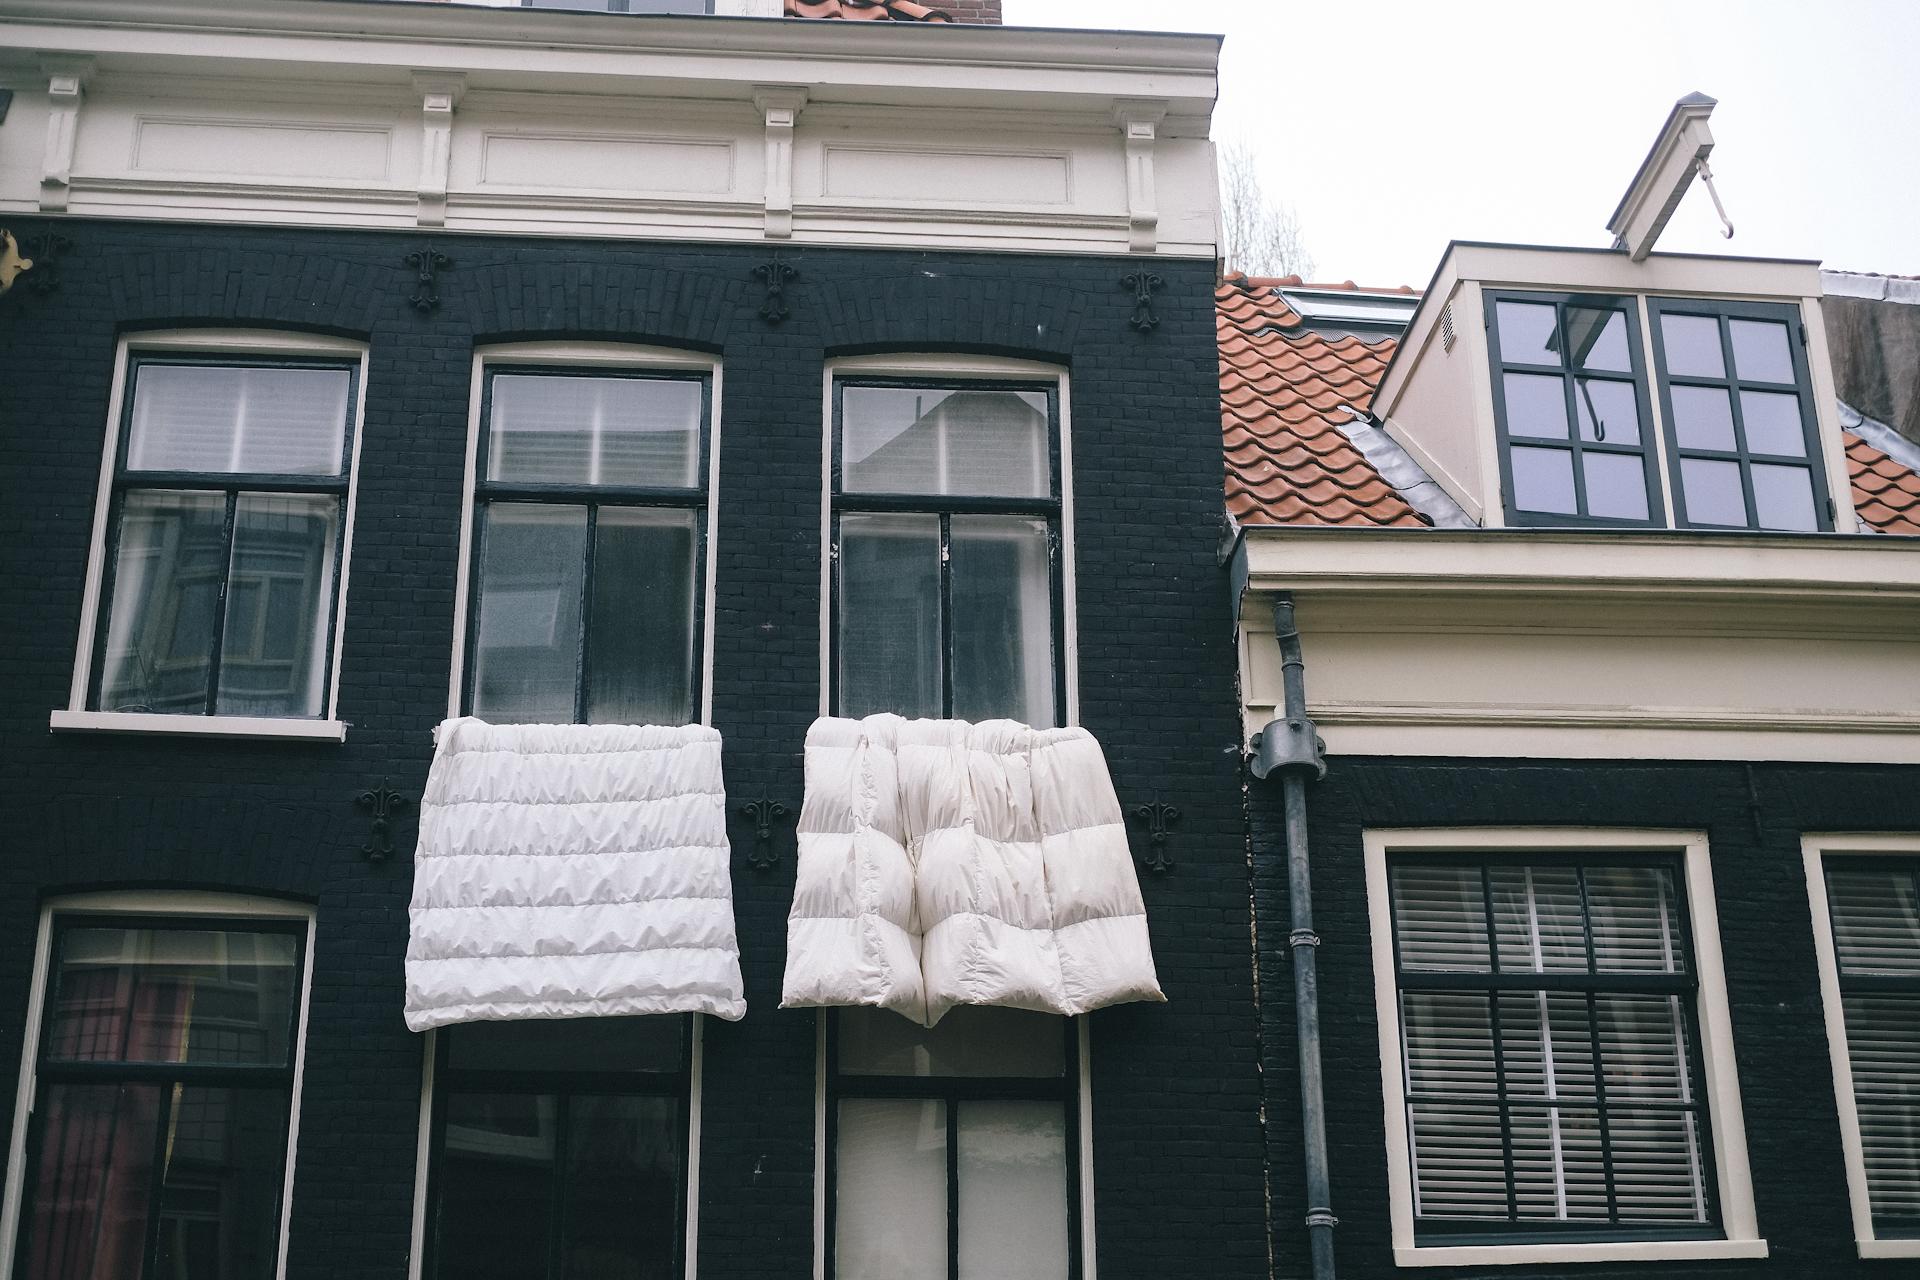 Amsterdam, Winter Day